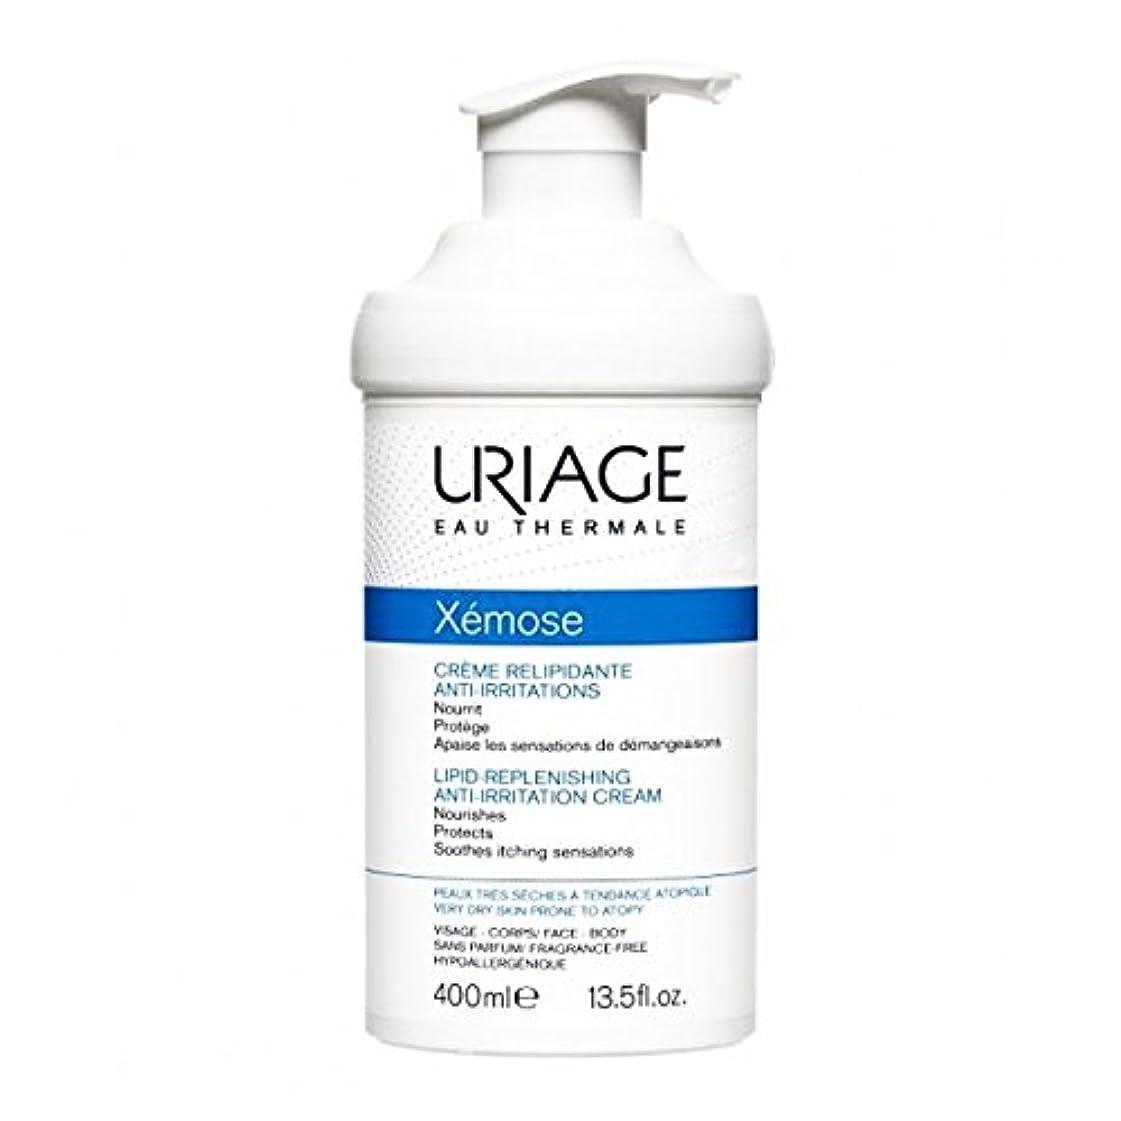 アラスカ正確な生物学Uriage X駑ose Universal Emollient Cream 400ml [並行輸入品]